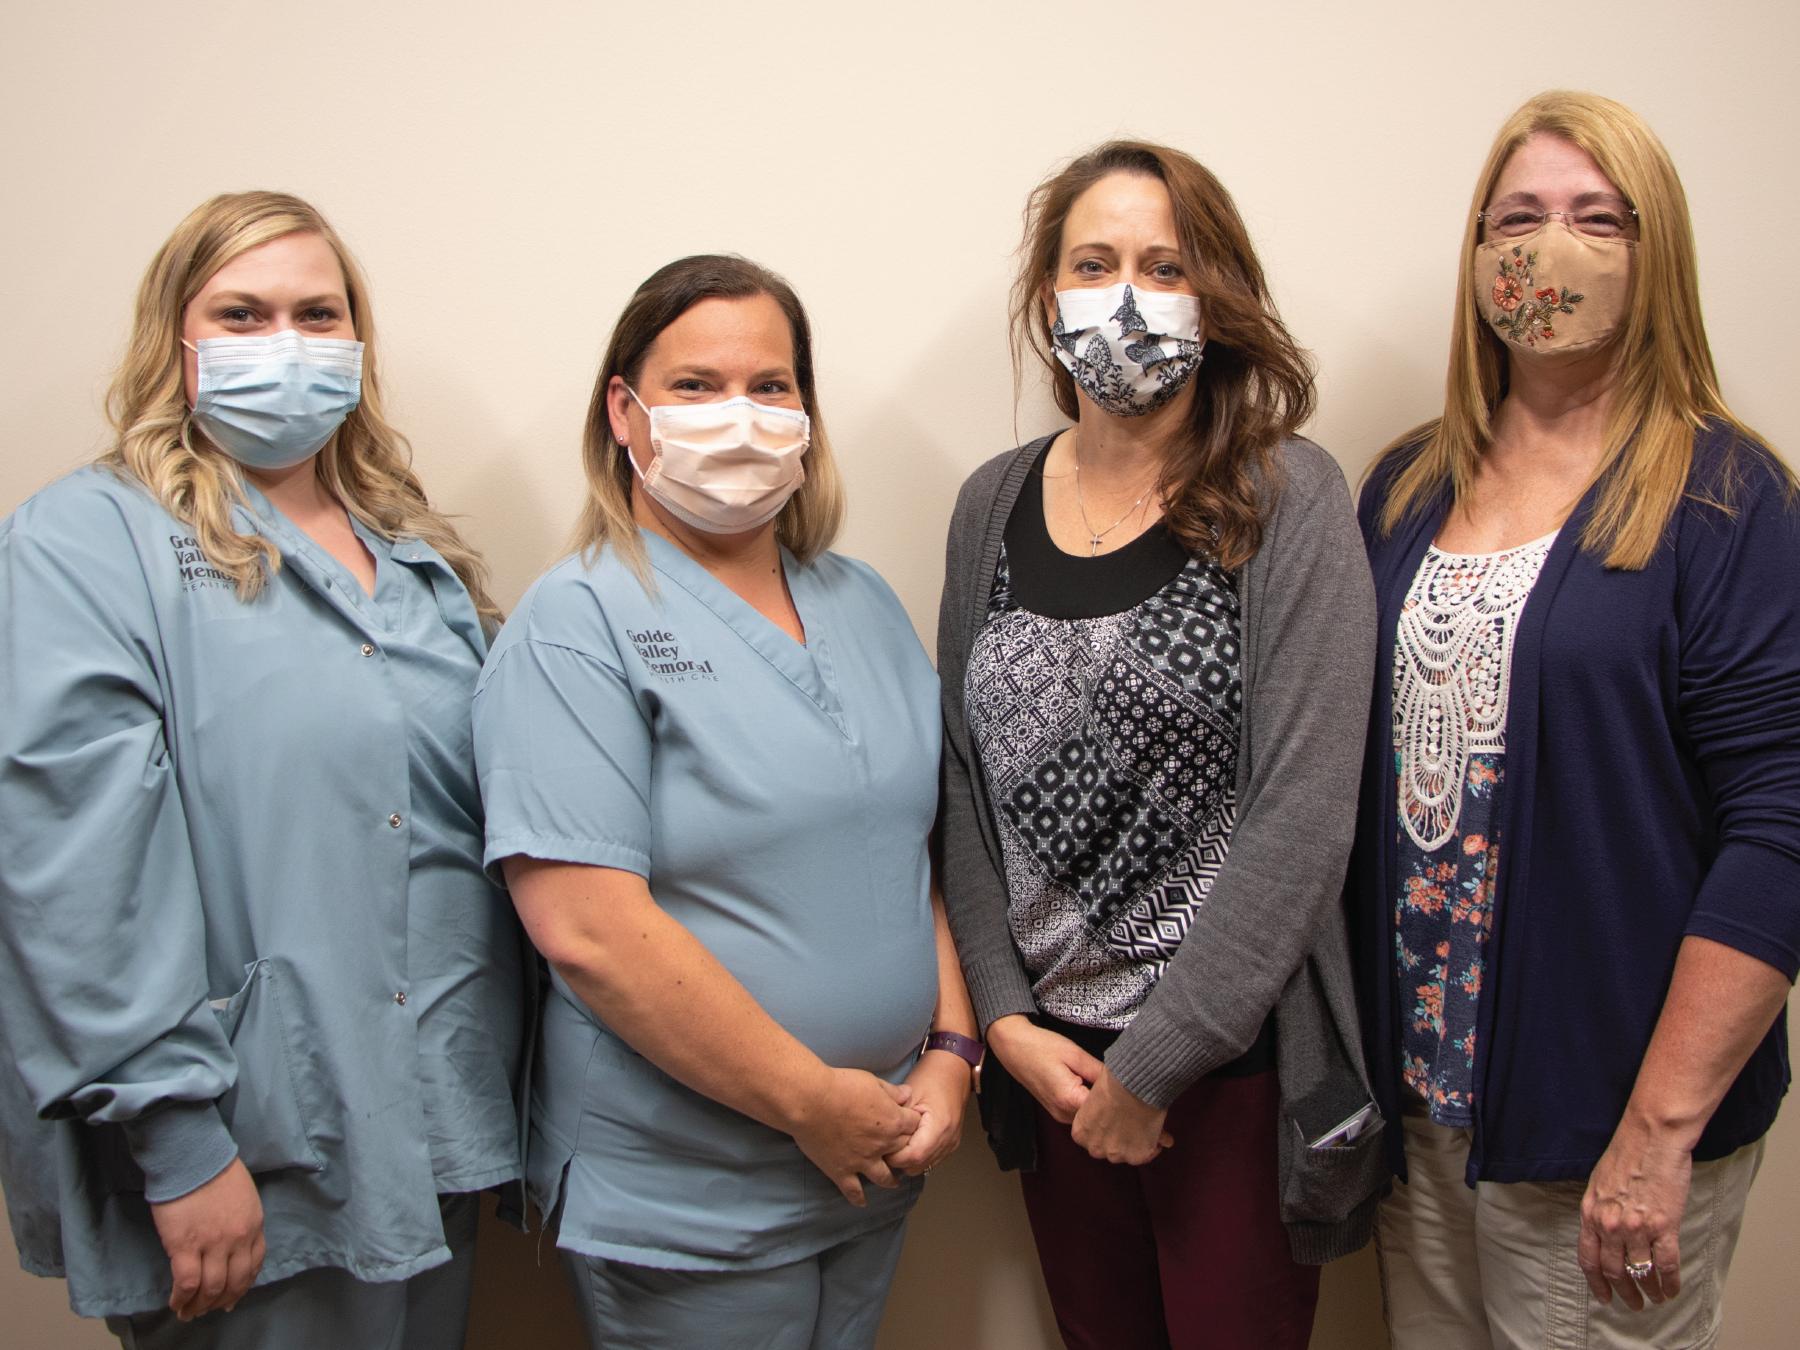 Golden Valley Memorial Healthcare employees